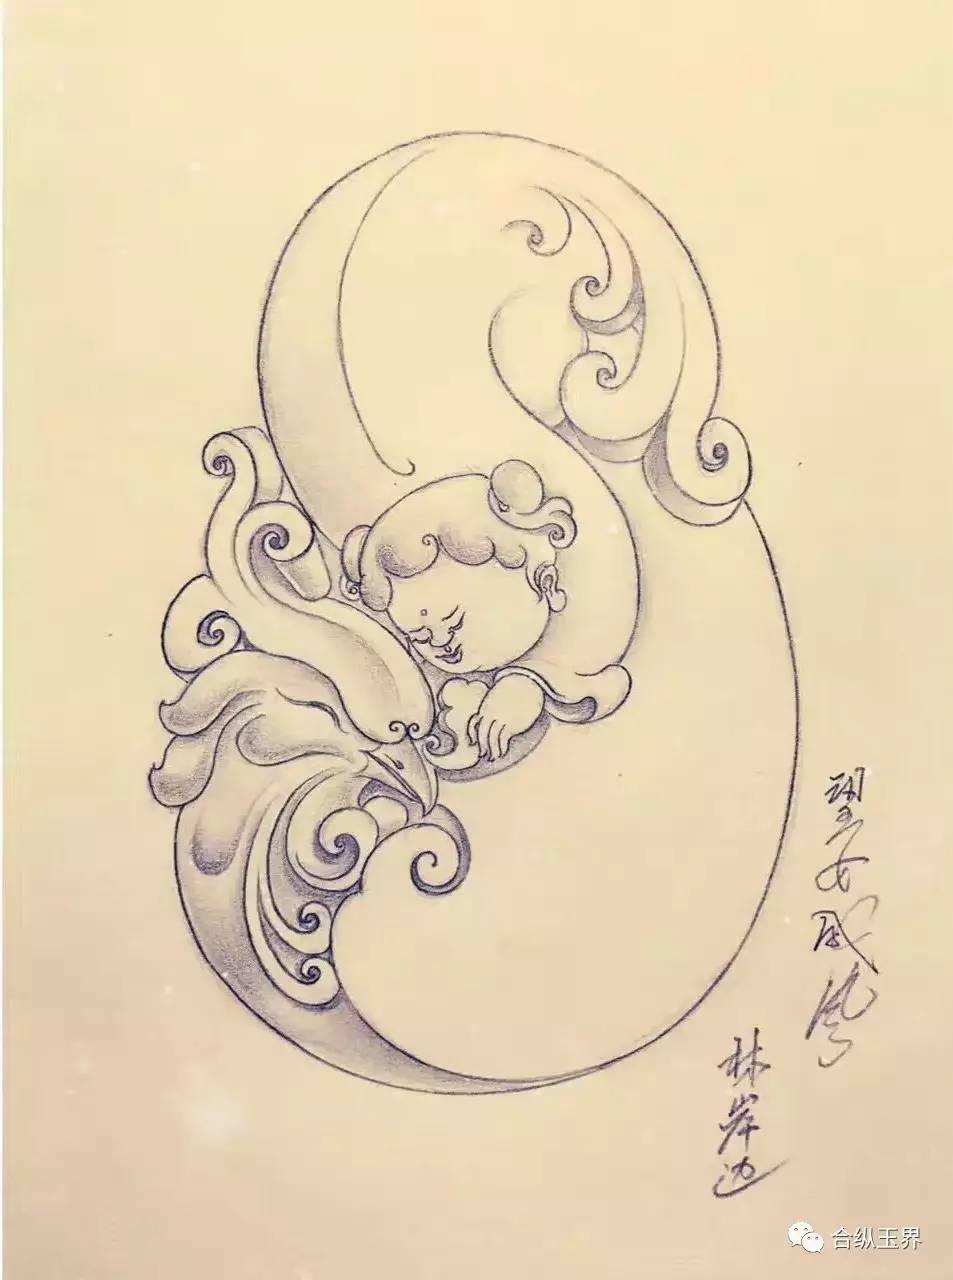 【速看】绝美的玉雕设计画稿!